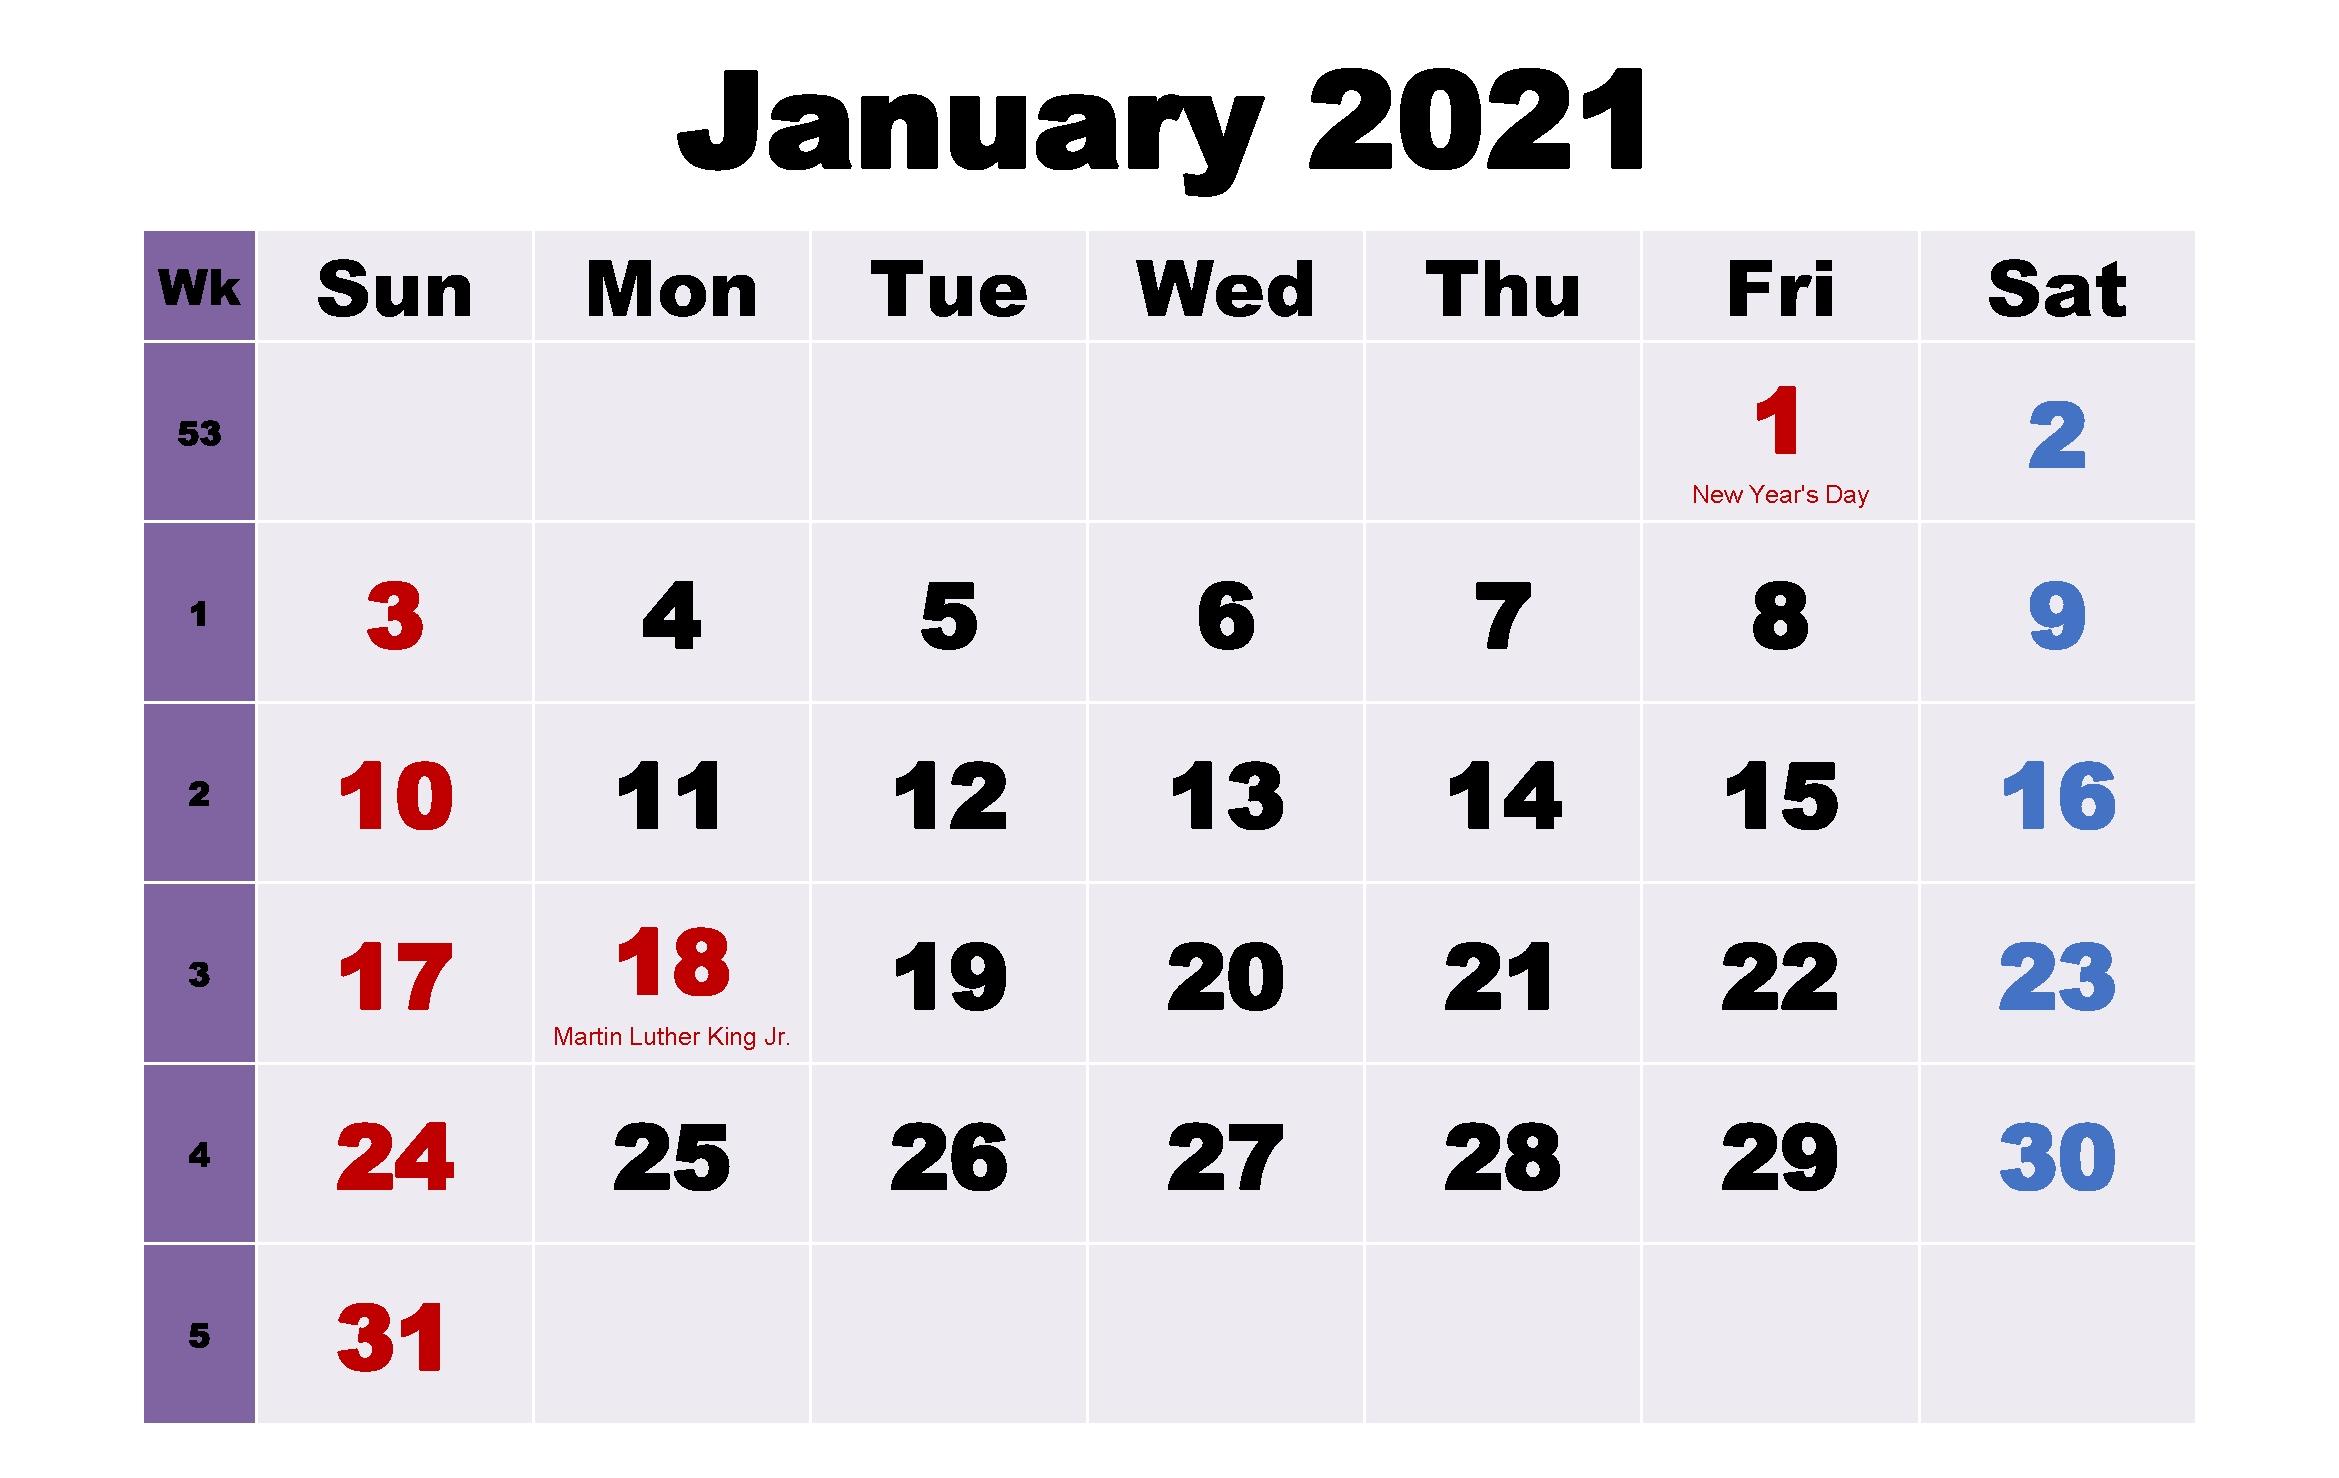 January 2021 Calendar With Holidays In 2020 | 2021 Calendar